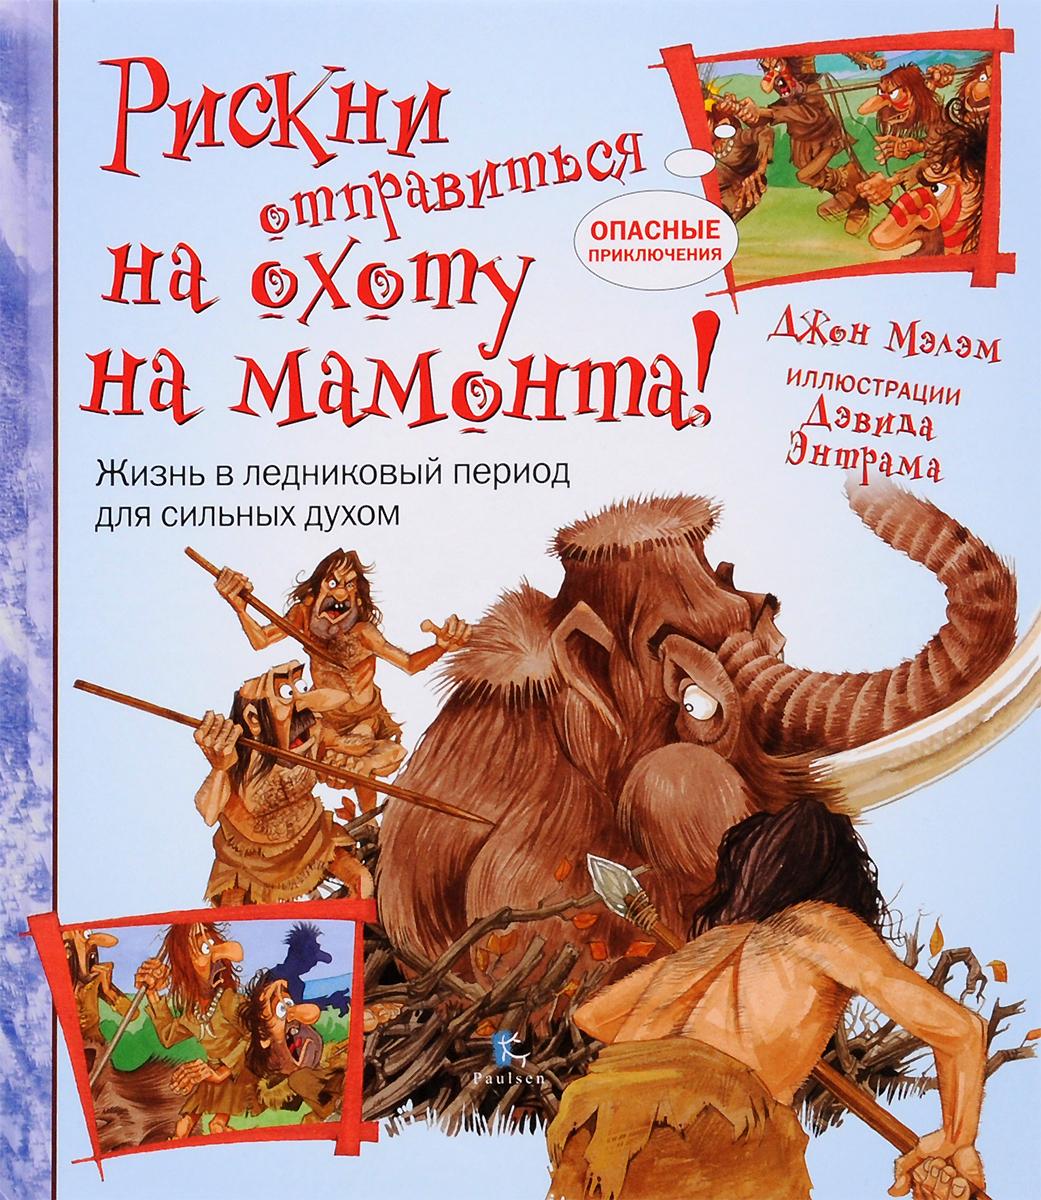 Джон Мэлэм Рискни отправиться на охоту на мамонта!